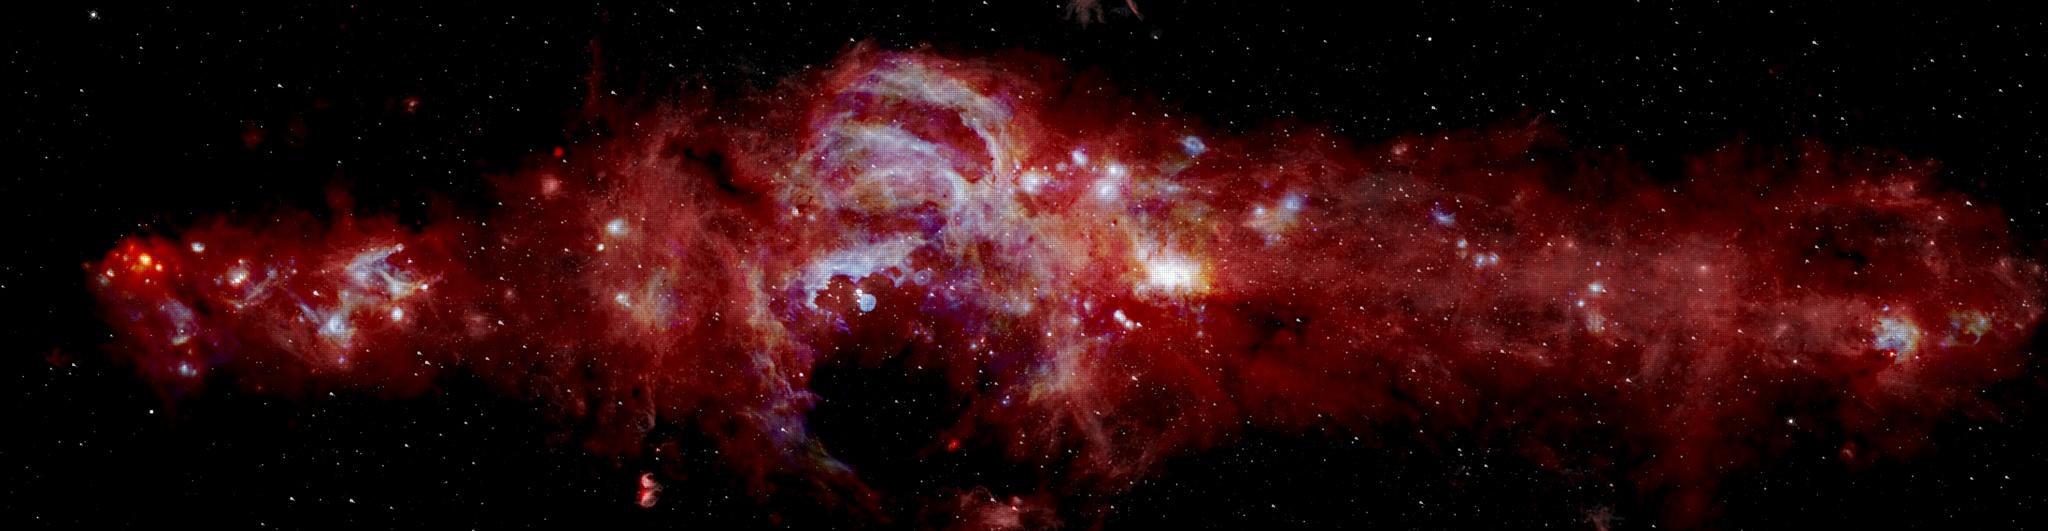 Впервые получено полное изображение центра нашей галактики